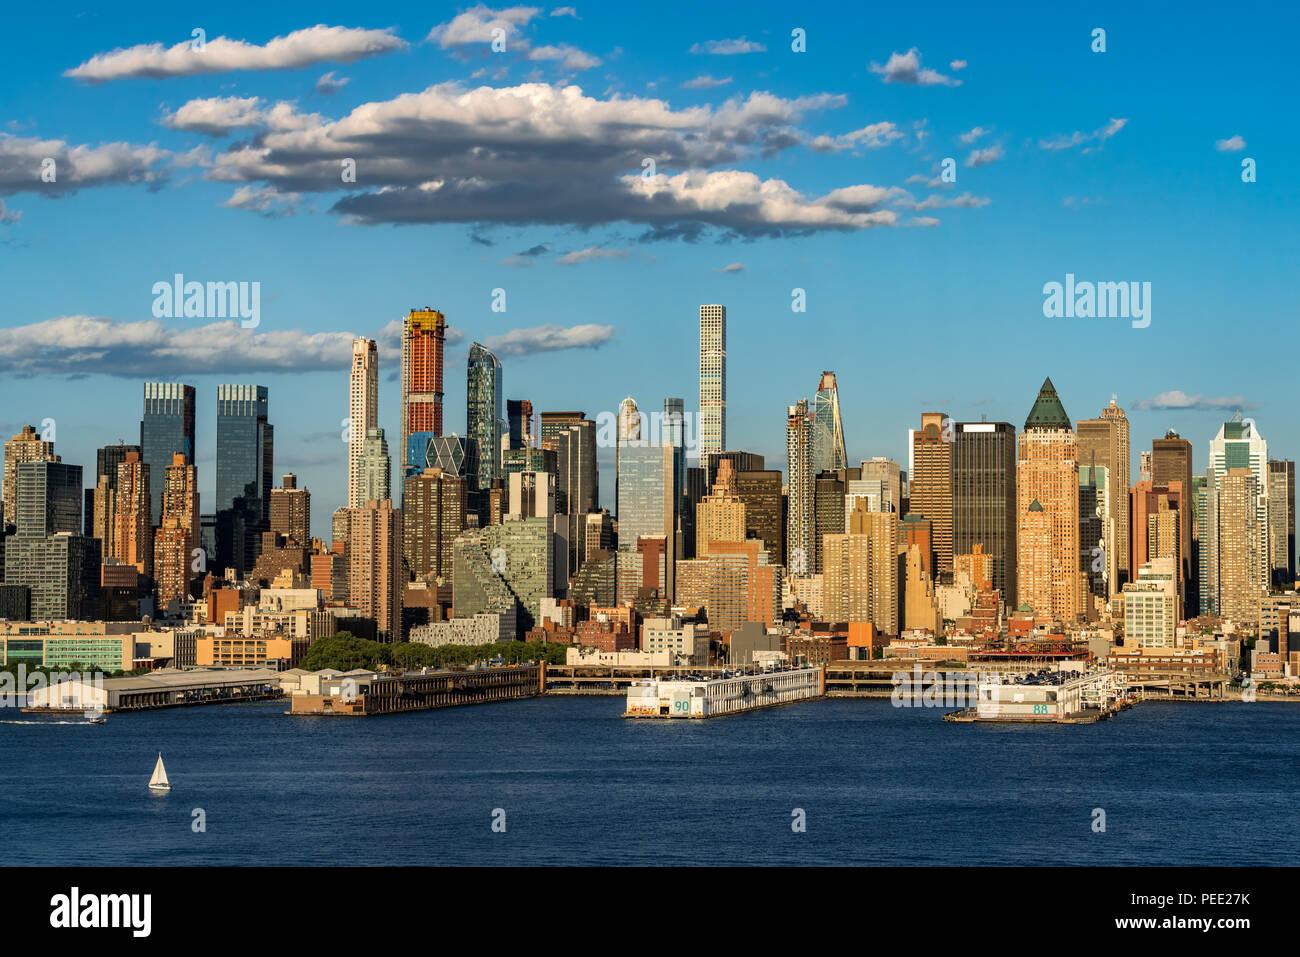 Les gratte-ciel de Manhattan Midtown West avec la rivière Hudson à la lumière de l'après-midi. New York City Photo Stock